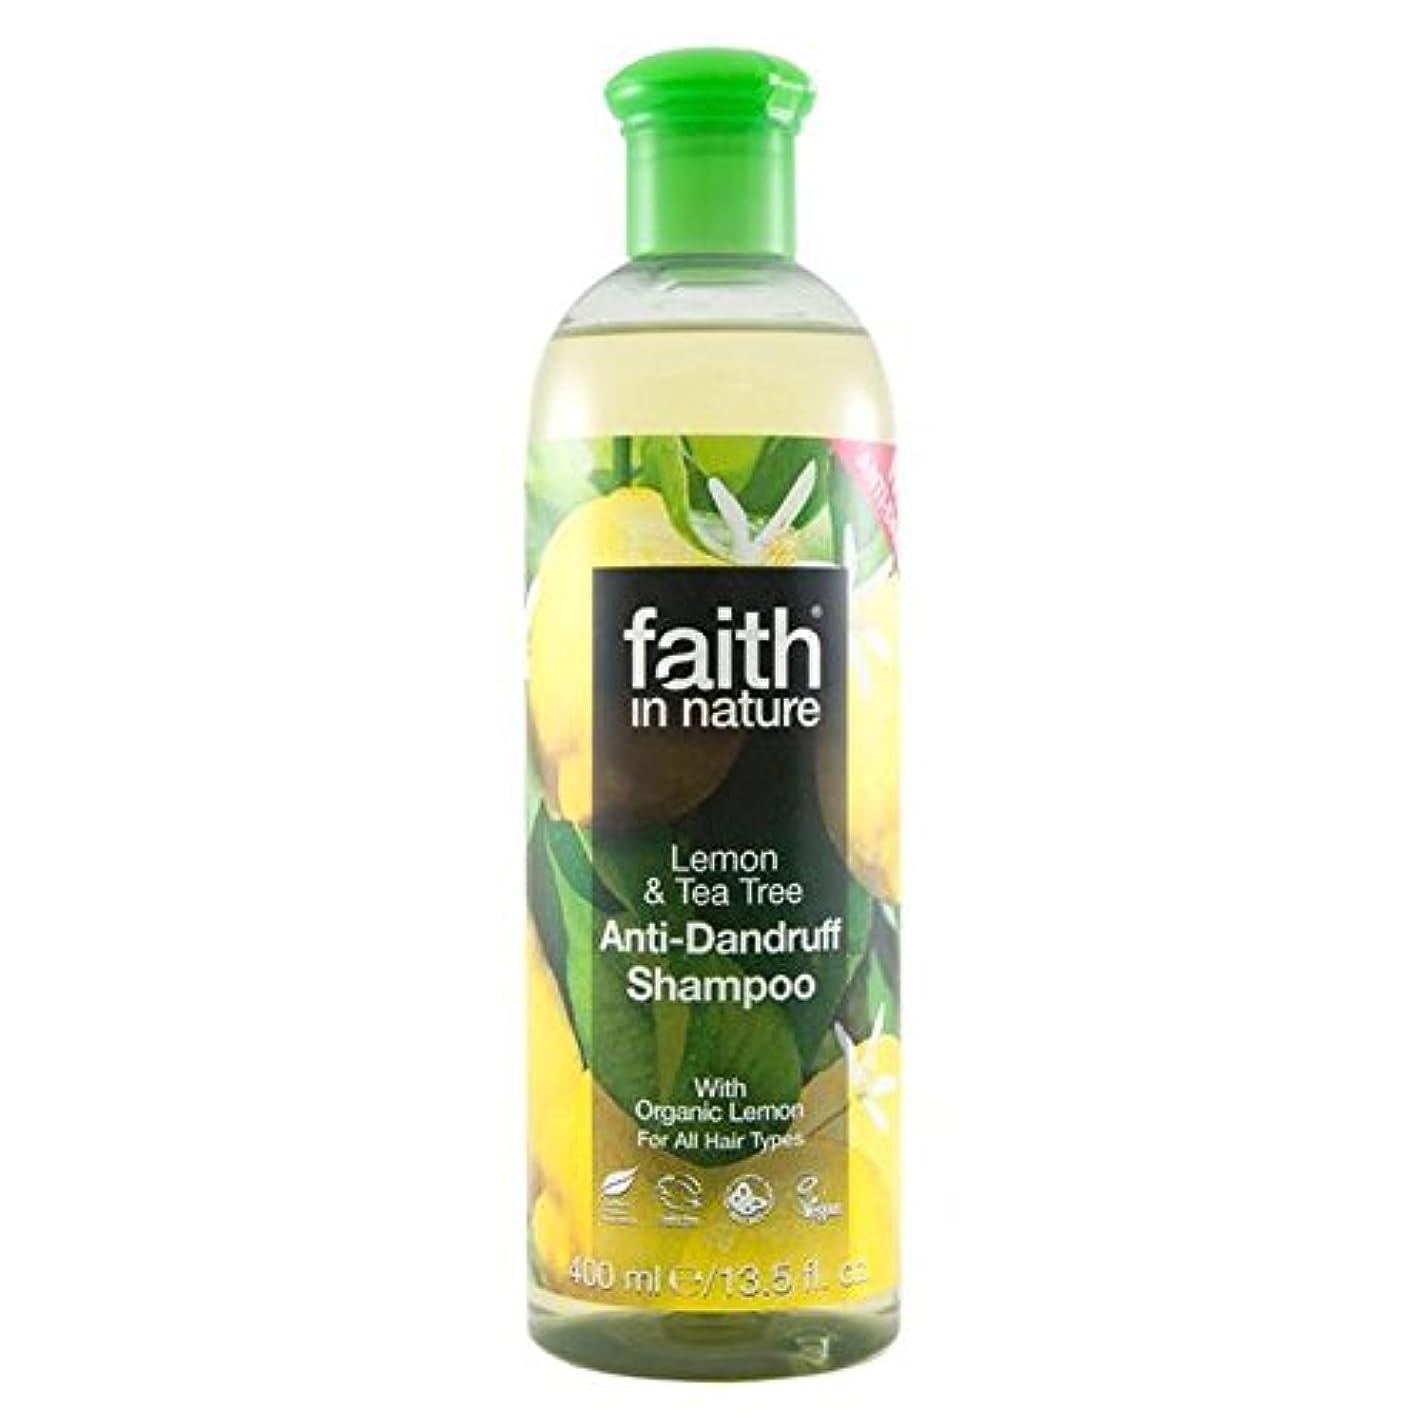 毎回艶プレゼンターFaith in Nature Anti-Dandruff Lemon & Tea Tree Shampoo 400ml (Pack of 4) - (Faith In Nature) 自然の中で信仰抗フケレモン&ティーツリーシャンプー400ミリリットル (x4) [並行輸入品]